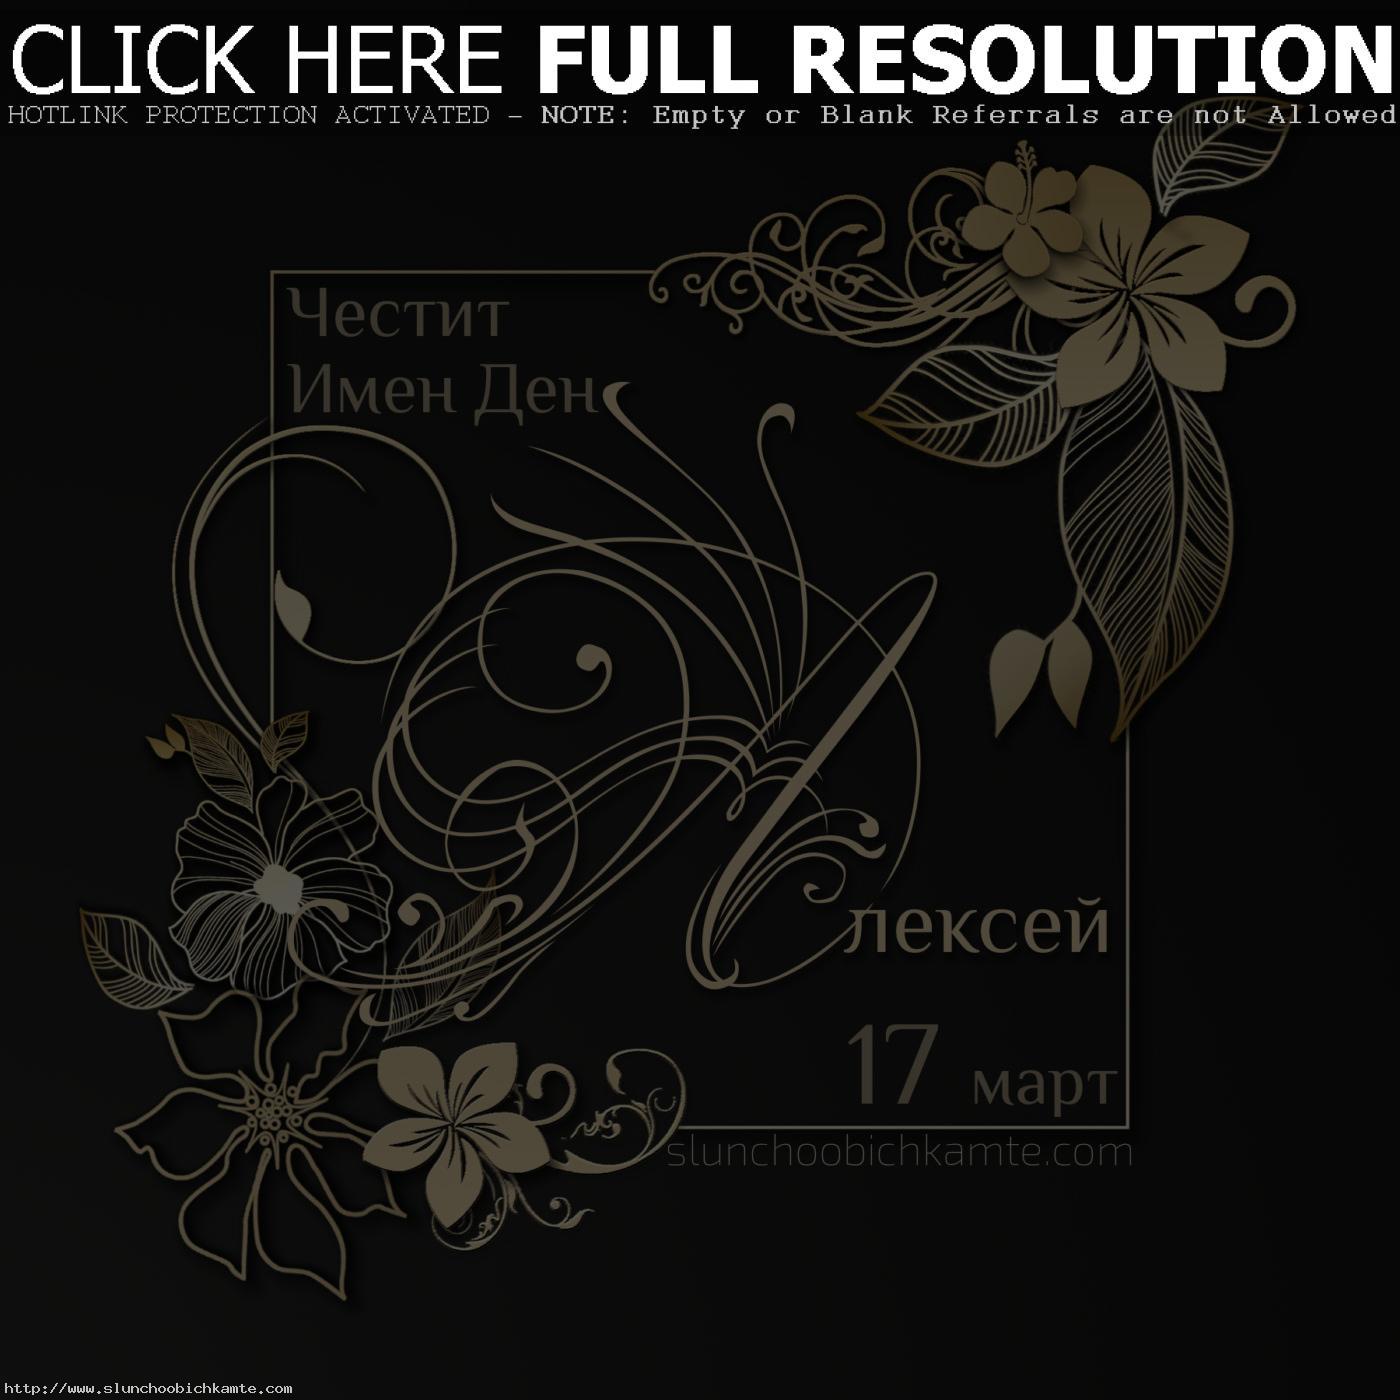 Честит имен ден Алексей - 17 март - Преп. Алексий, човек Божий- Картички за Имен ден. Пожелай честит имен ден с оригинална картичка